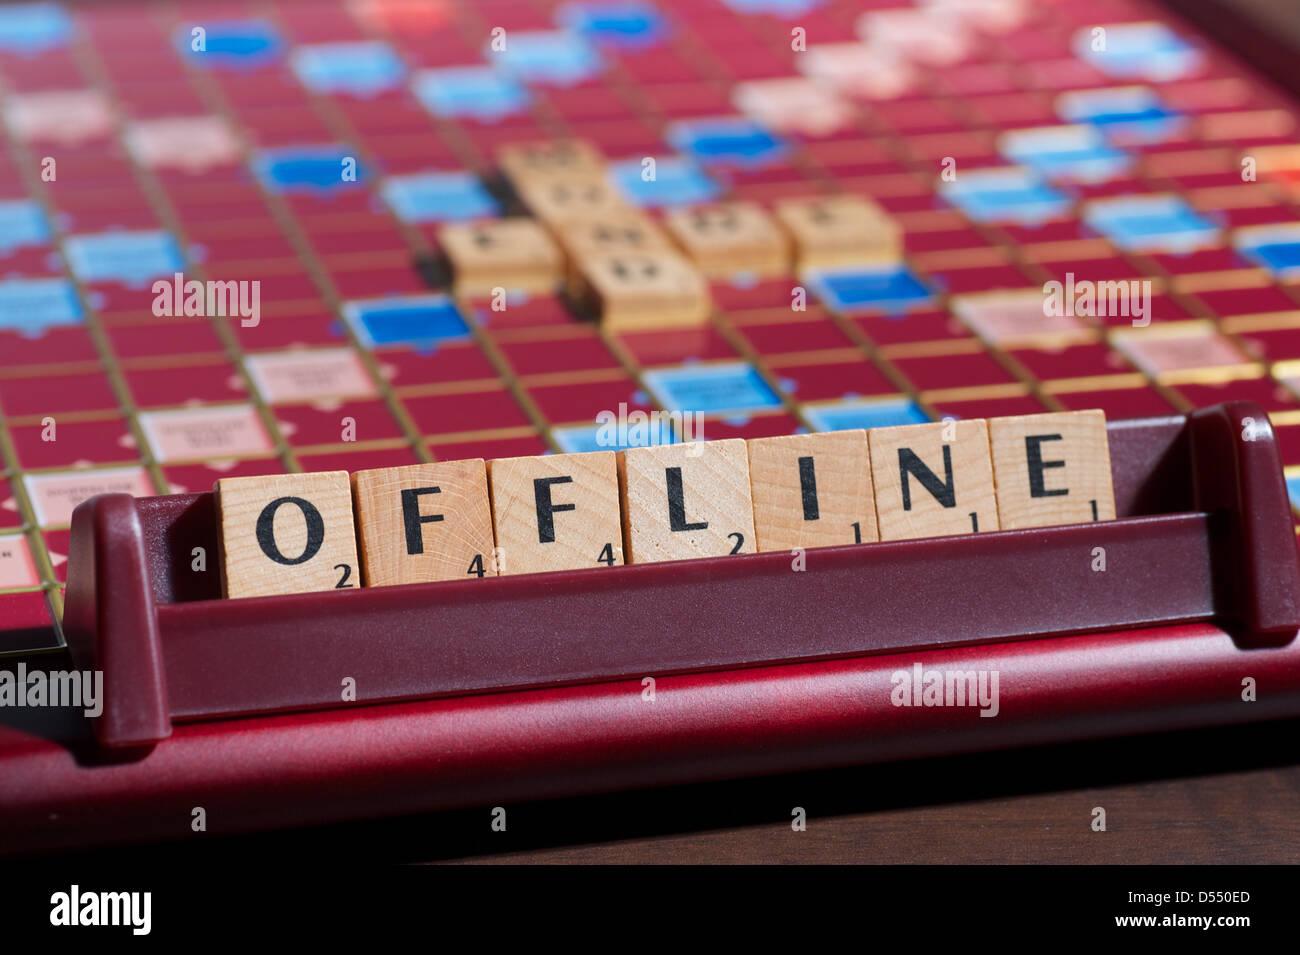 Scrabble Letters Stock Photos & Scrabble Letters Stock